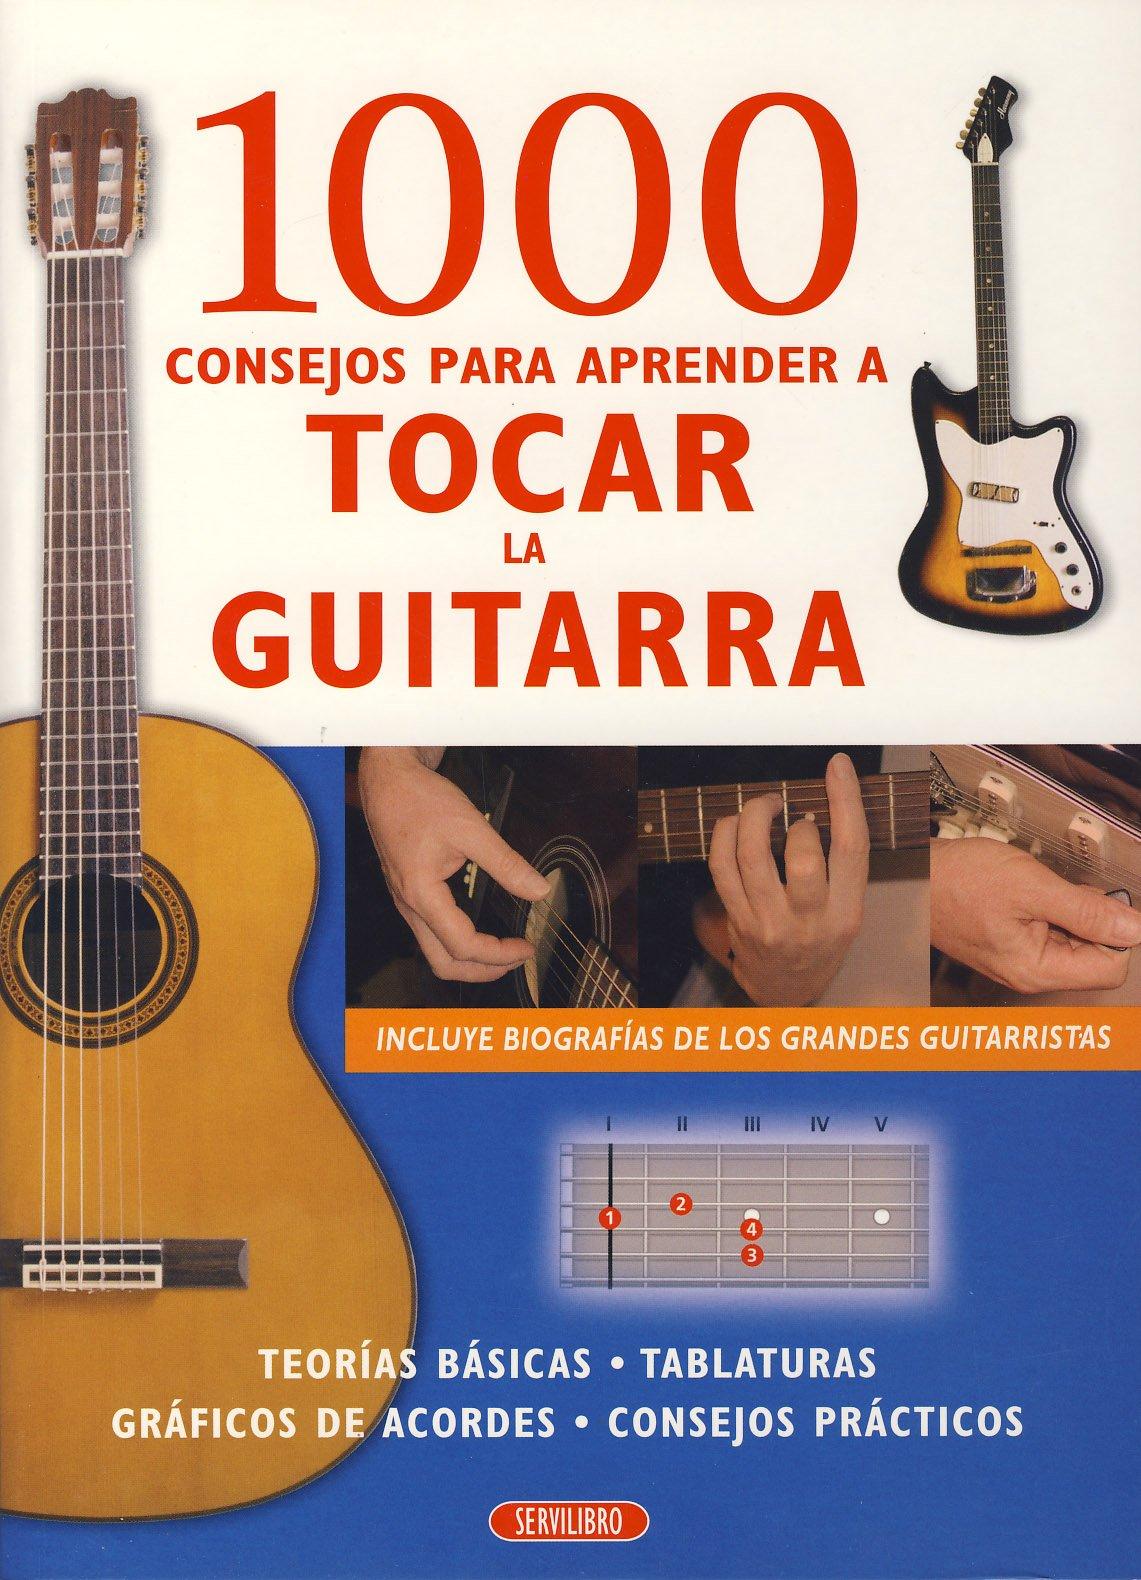 Coleccion - 1000 Canciones y Acordes Consejos para Aprender a tocar la Guitarra: Amazon.es: Coleccion: Libros